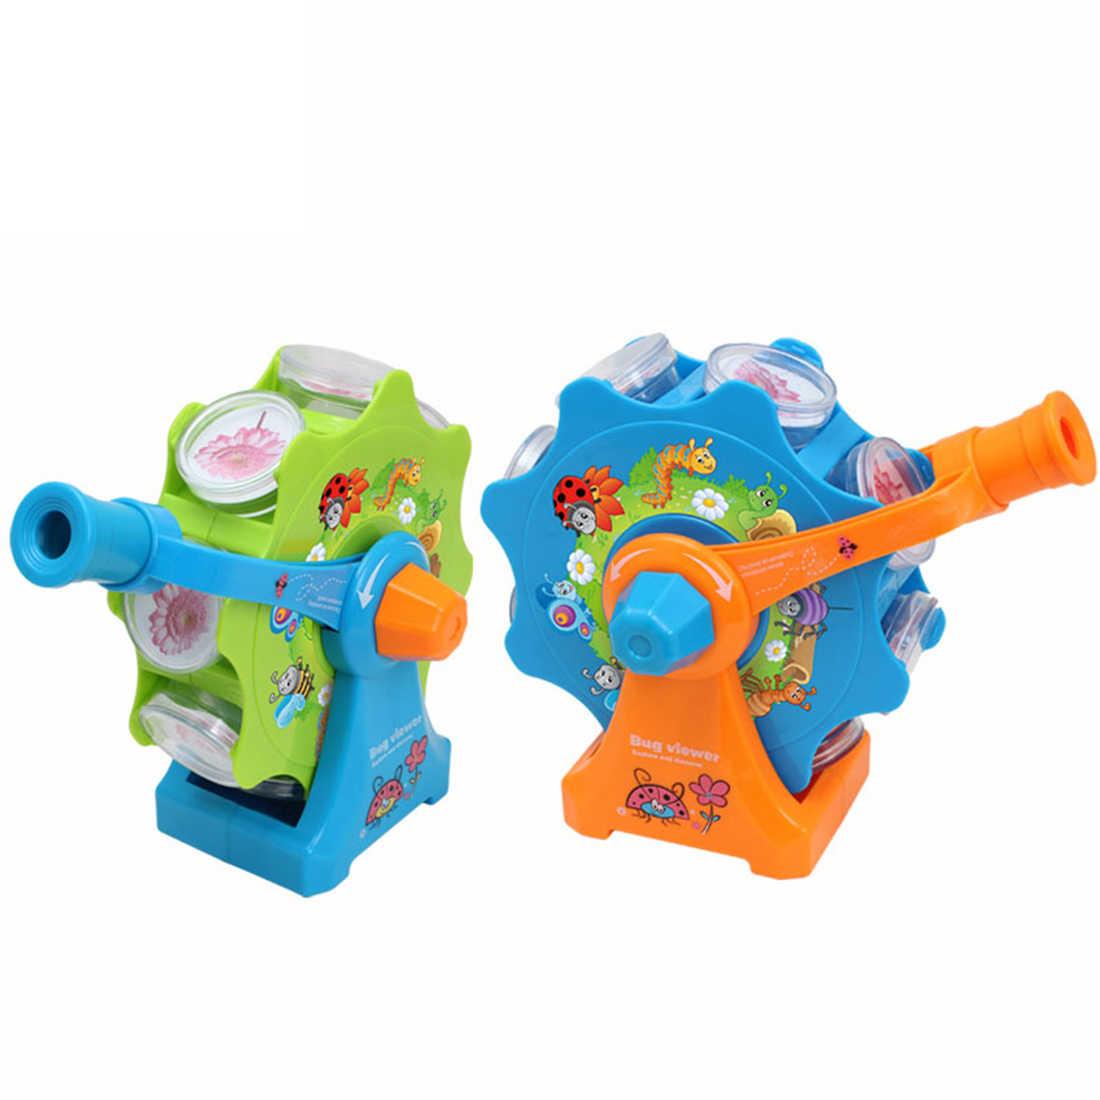 ילדים ענק גלגל חרקים מיקרוסקופ הצופה באג הצופה ביולוגיה מדע ערכות למידה צעצועים-אקראי צבע